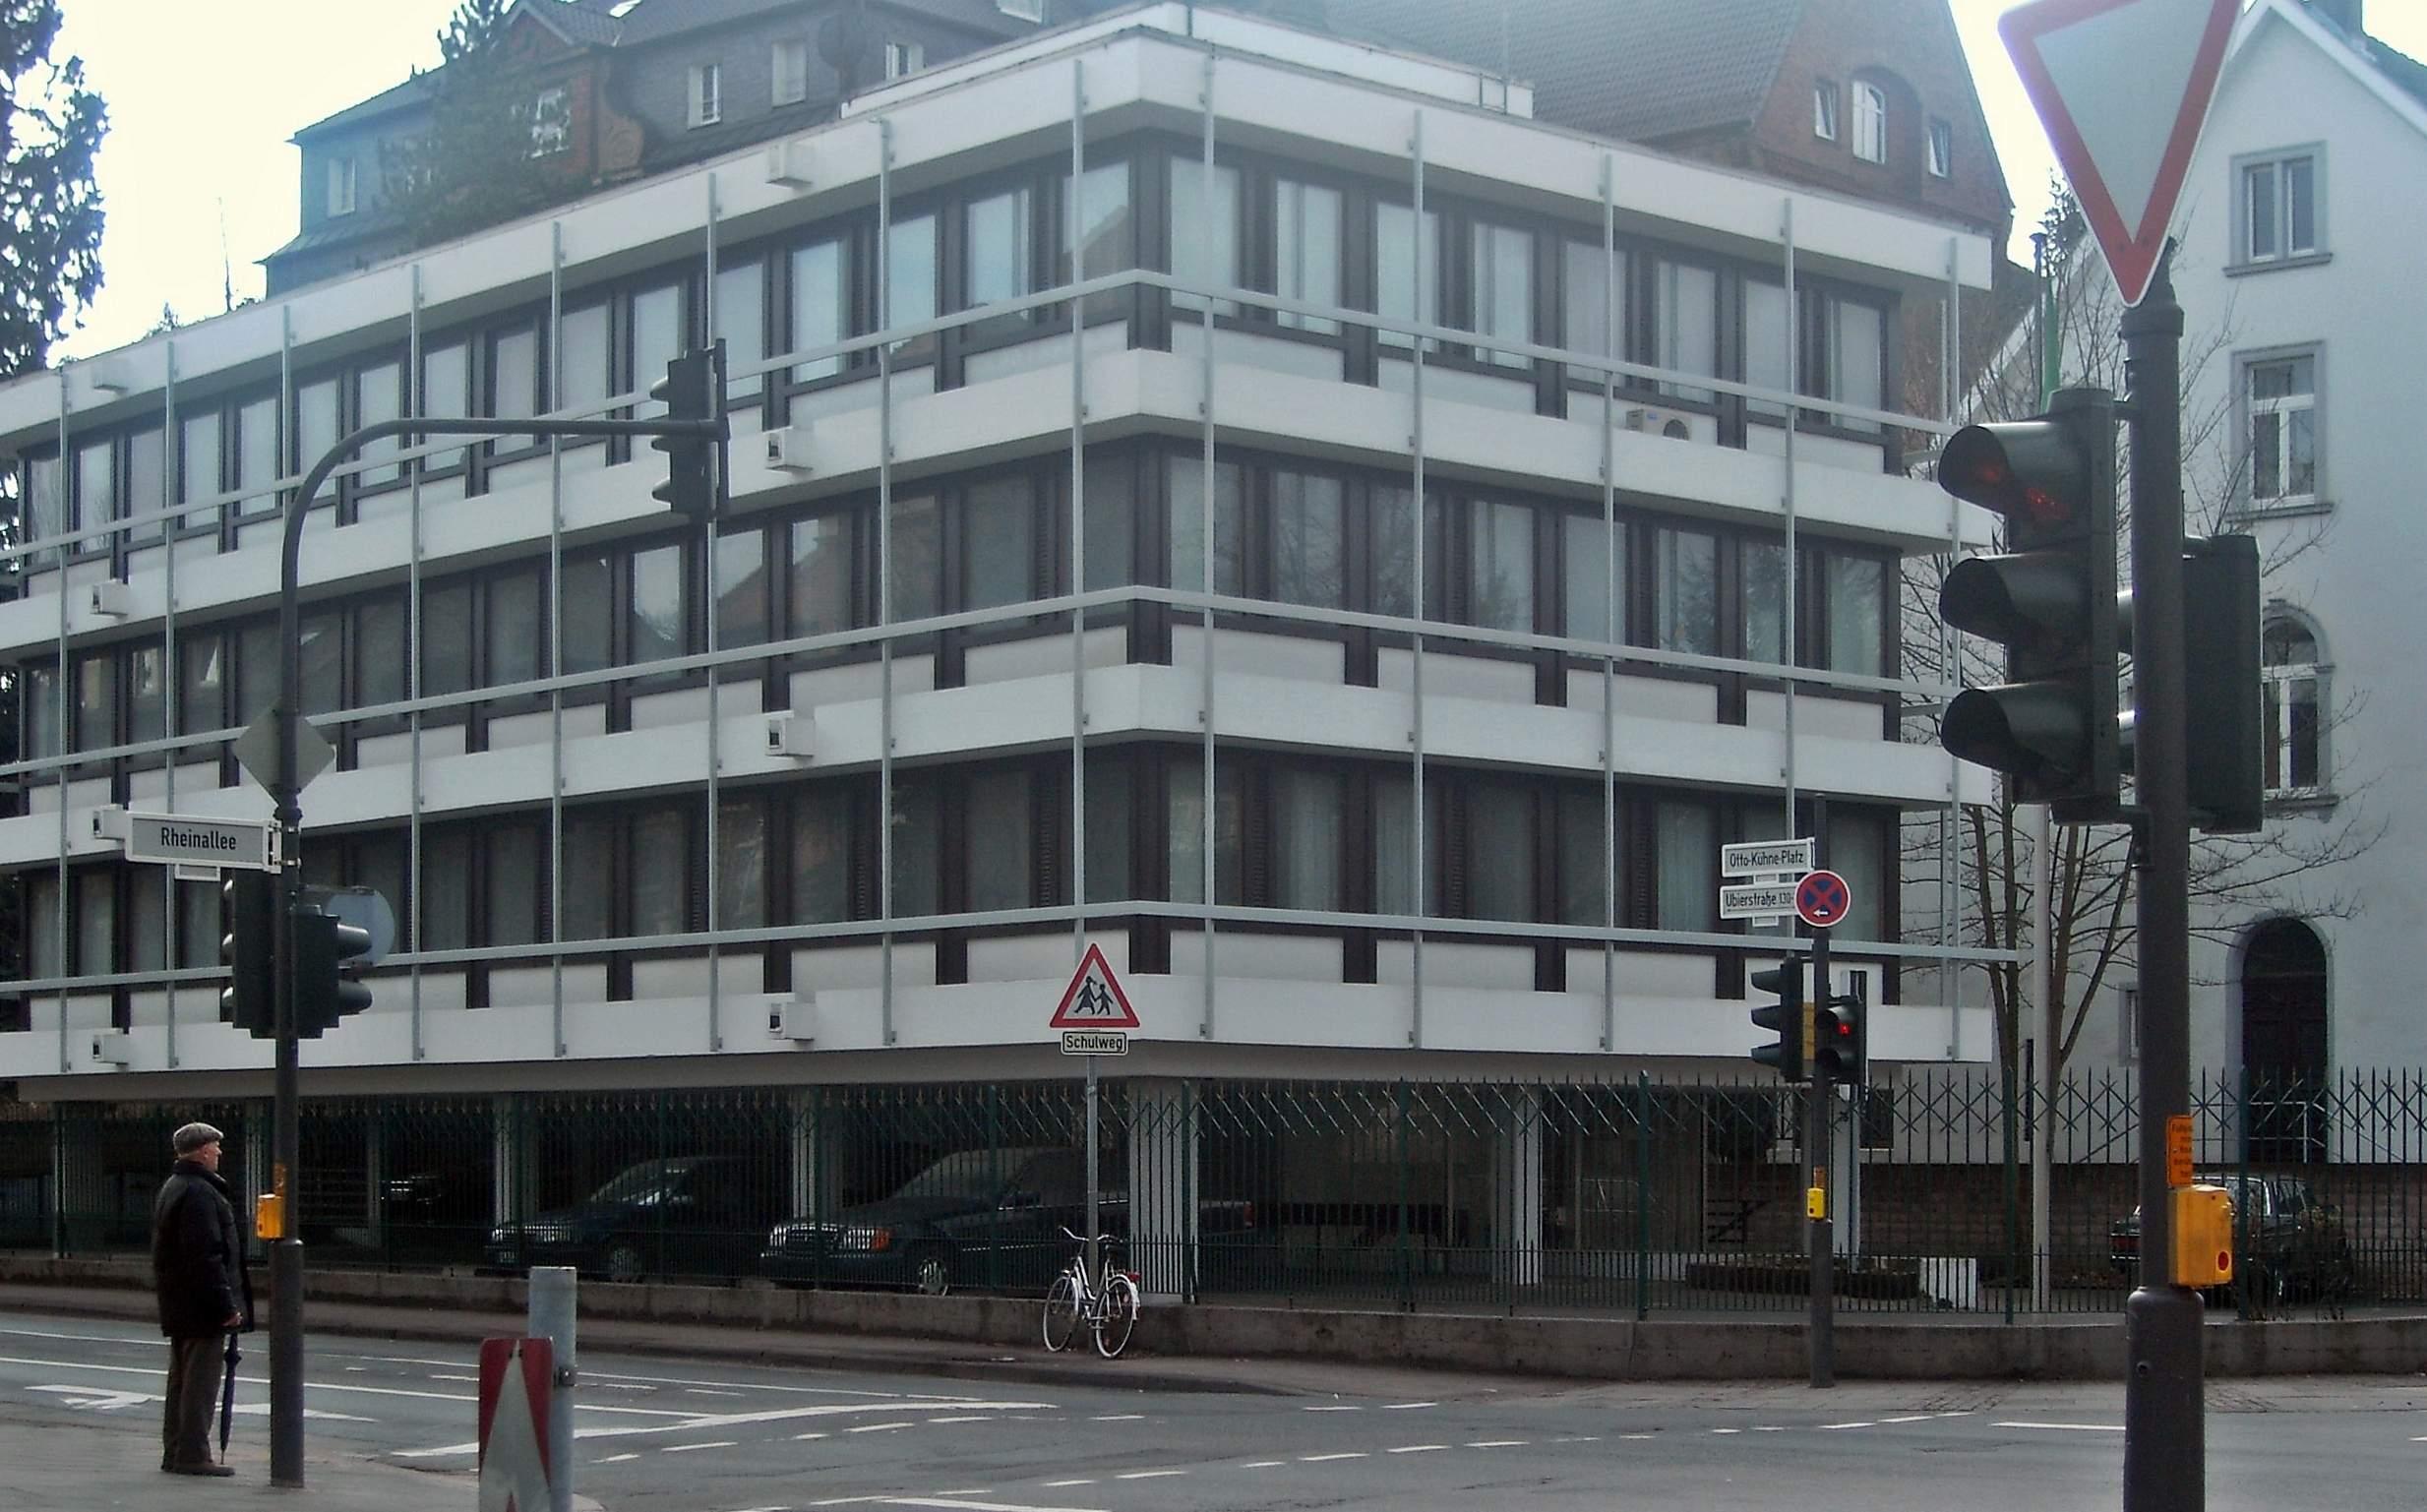 Botanischer Garten Bonn Reizend Datei Bonn Embassy Of Cameroon –